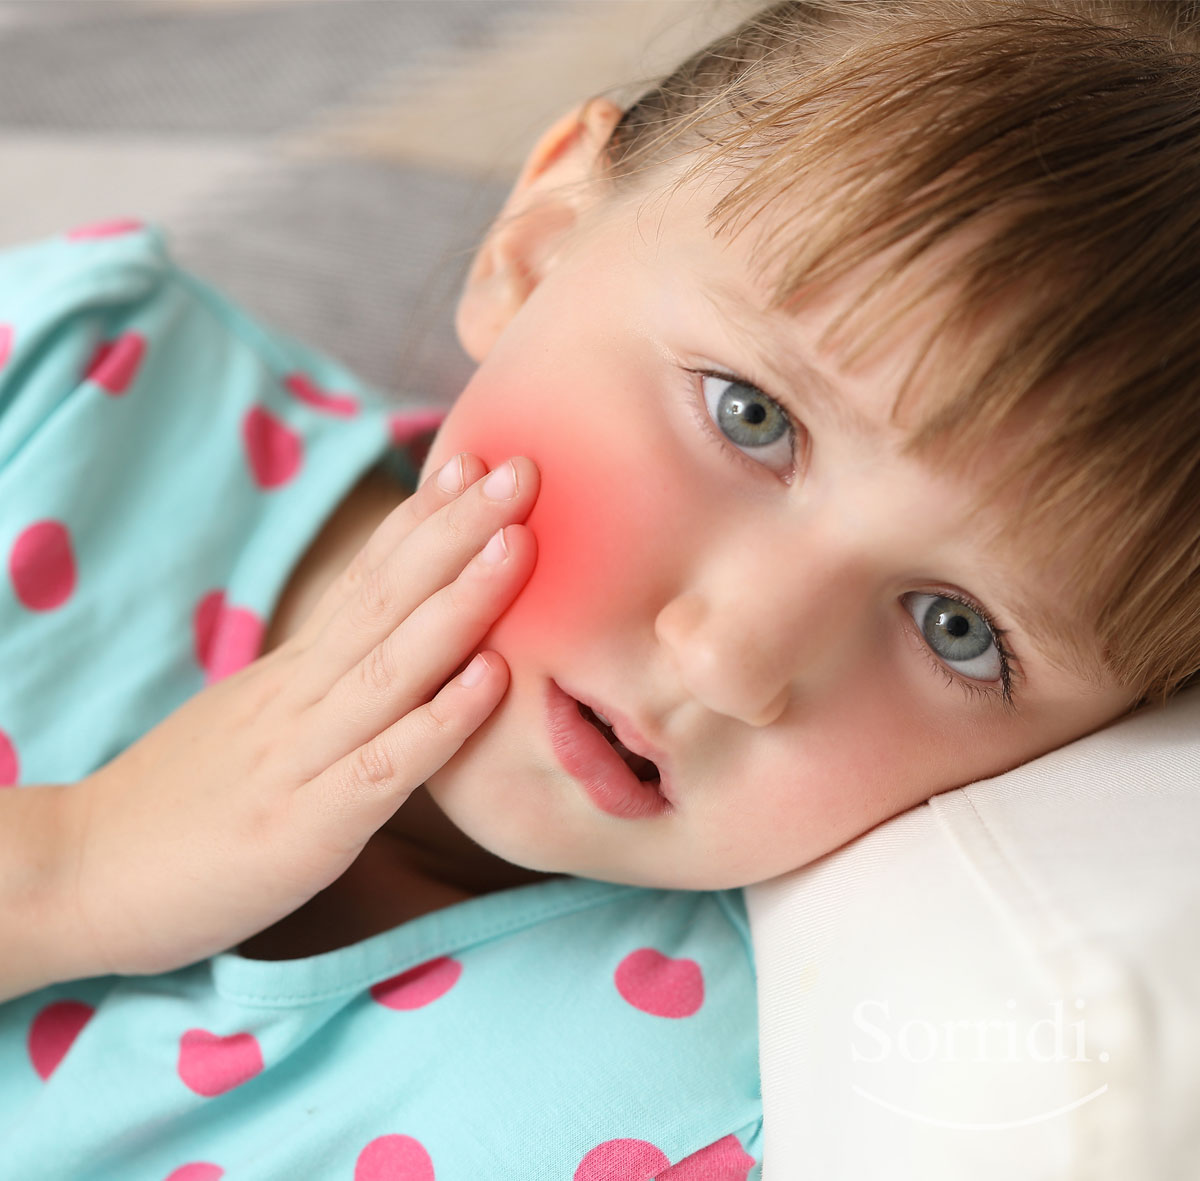 Sorridi-ch-magazine-mal-di-denti-nei-bambini